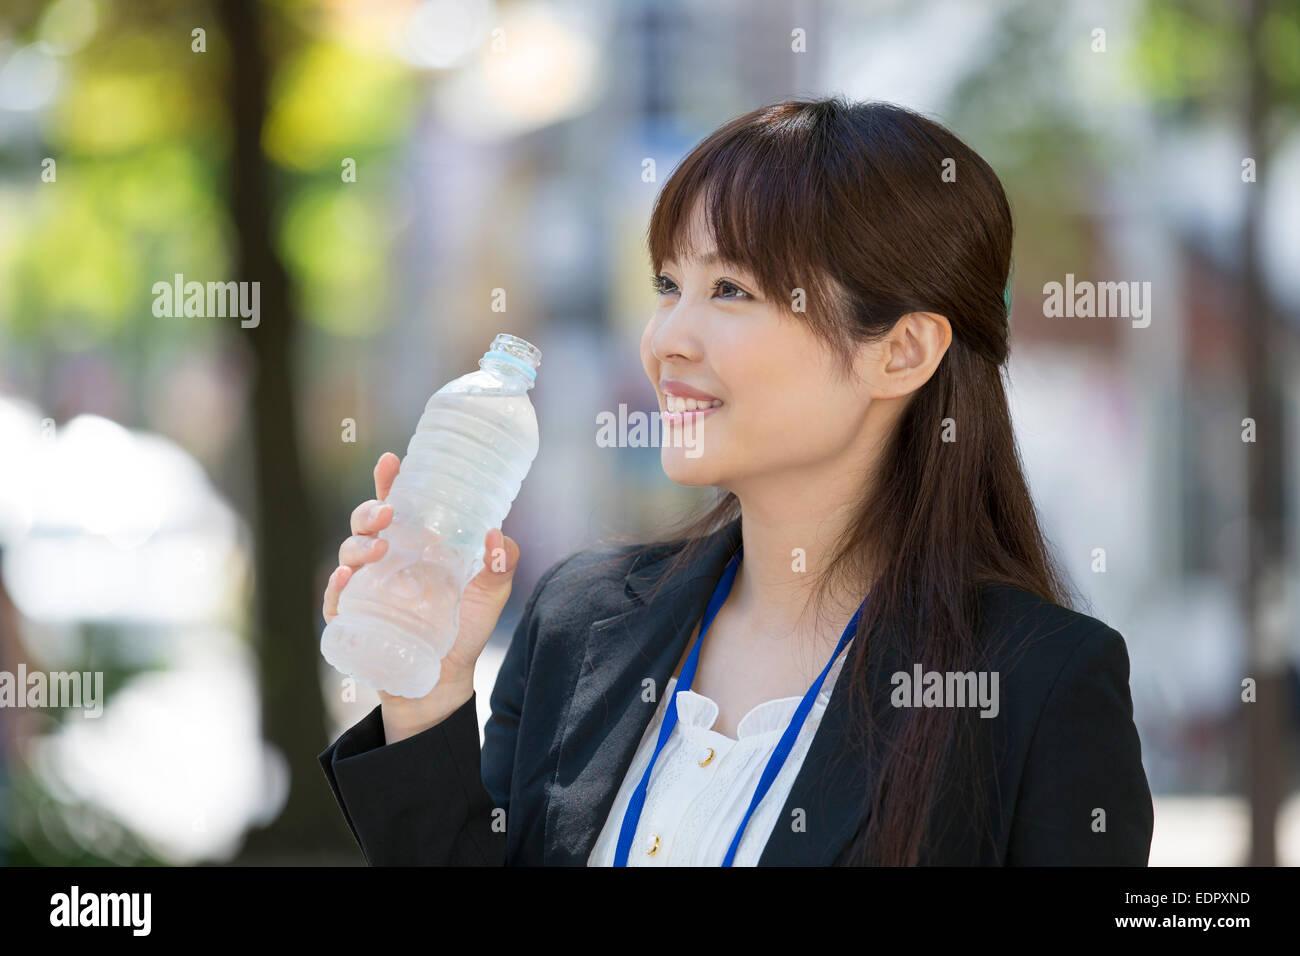 La empresaria sonriente Celebración agua embotellada Imagen De Stock